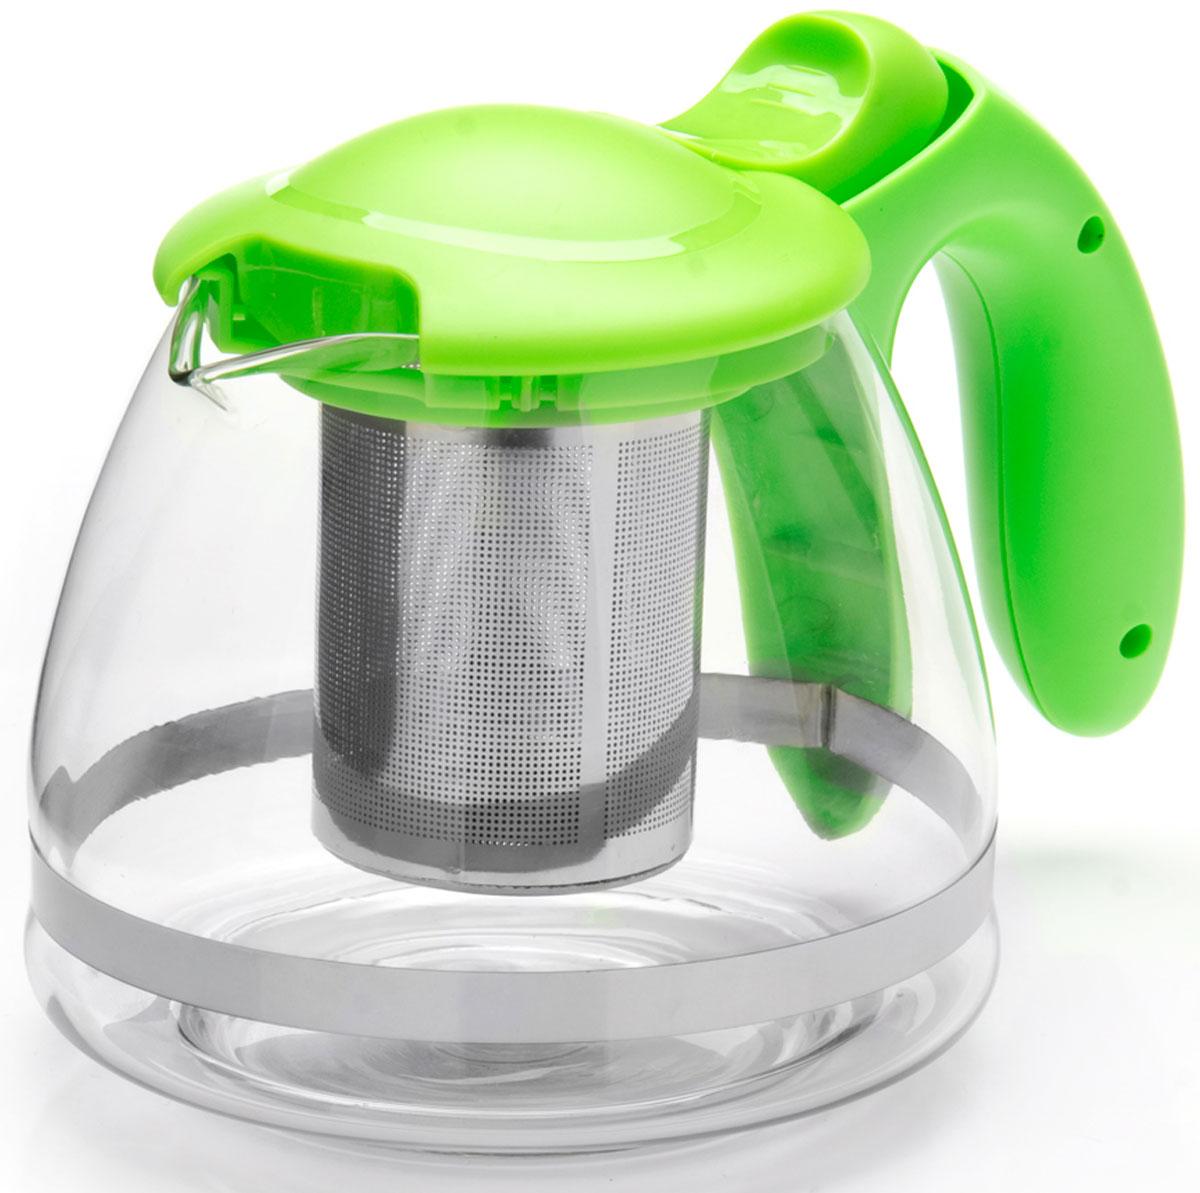 Чайник заварочный Mayer & Boch, с фильтром, цвет: зеленый, 1,2 л. 26172-326172-3Заварочный чайник Mayer & Boch изготовлен из термостойкого боросиликатного стекла, фильтр выполнен из нержавеющей стали. Изделия из стекла не впитывают запахи, благодаря чему вы всегда получите натуральный, насыщенный вкус и аромат напитков. Заварочный чайник из стекла удобно использовать для повседневного заваривания чая практически любого сорта. Но цветочные, фруктовые, красные и желтые сорта чая лучше других раскрывают свой вкус и аромат при заваривании именно в стеклянных чайниках, а также сохраняют все полезные ферменты и витамины, содержащиеся в чайных листах. Стальной фильтр гарантирует прозрачность и чистоту напитка от чайных листьев, при этом сохранив букет и насыщенность чая.Прозрачные стенки чайника дают возможность насладиться насыщенным цветом заваренного чая. Изящный заварочный чайник Mayer & Boch будет прекрасно смотреться в любом интерьере. Подходит для мытья в посудомоечной машине.